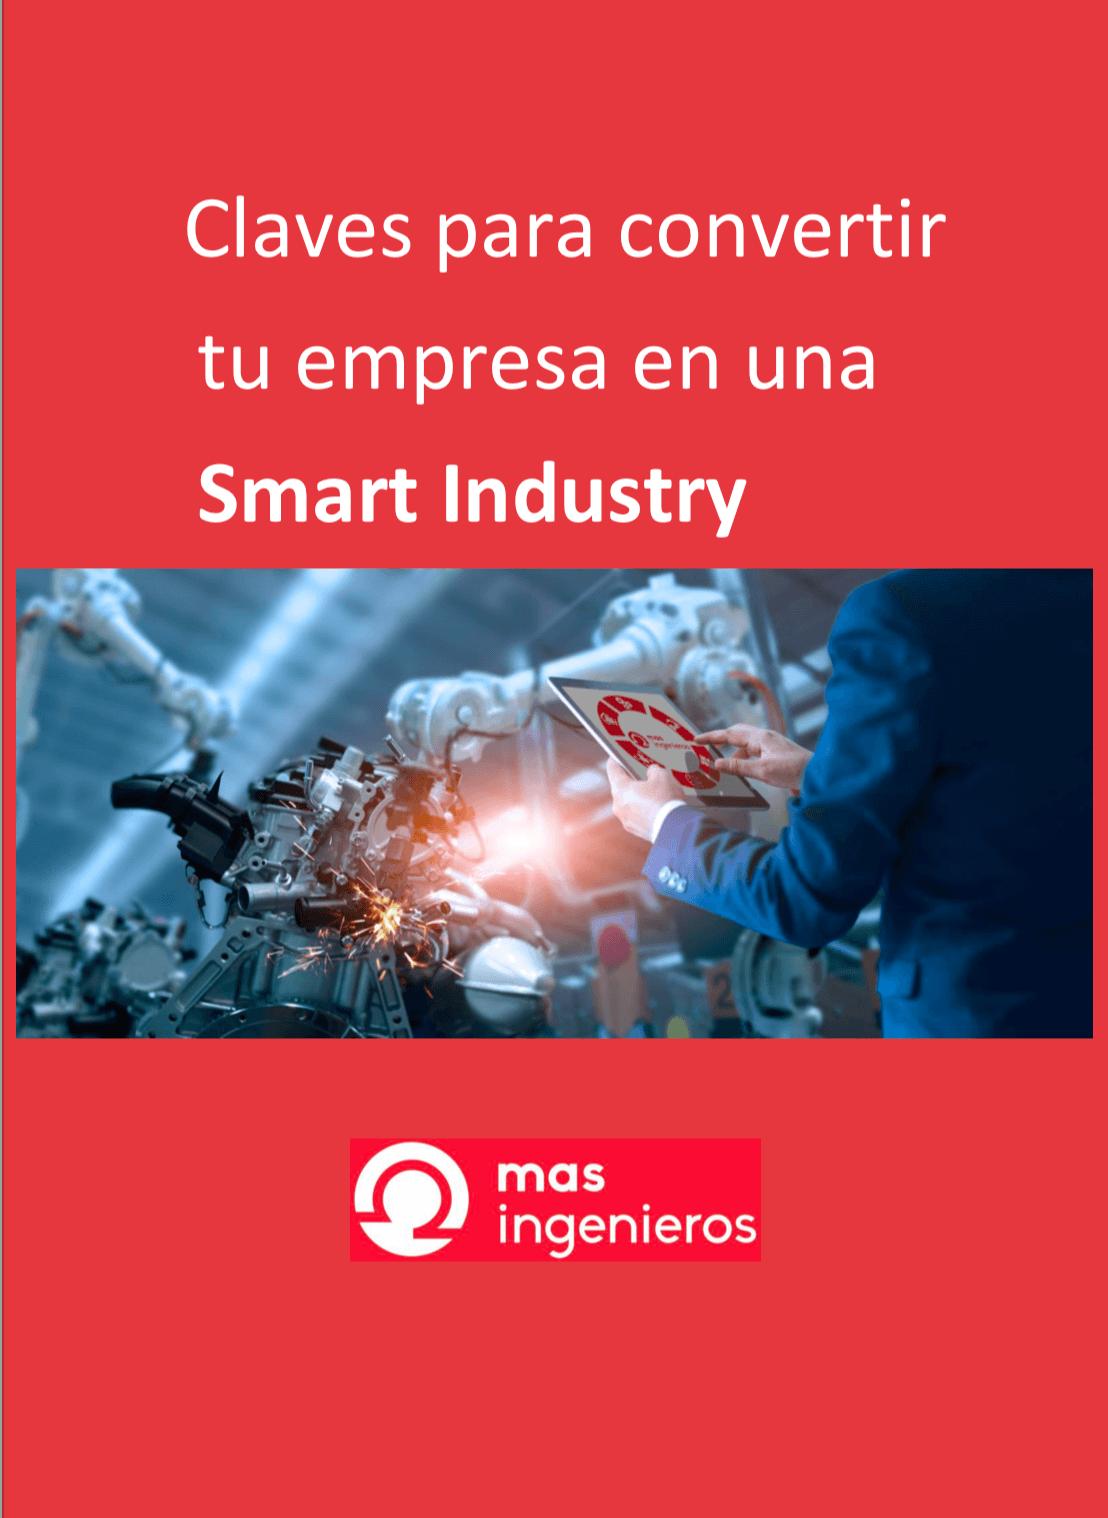 guia smart industry